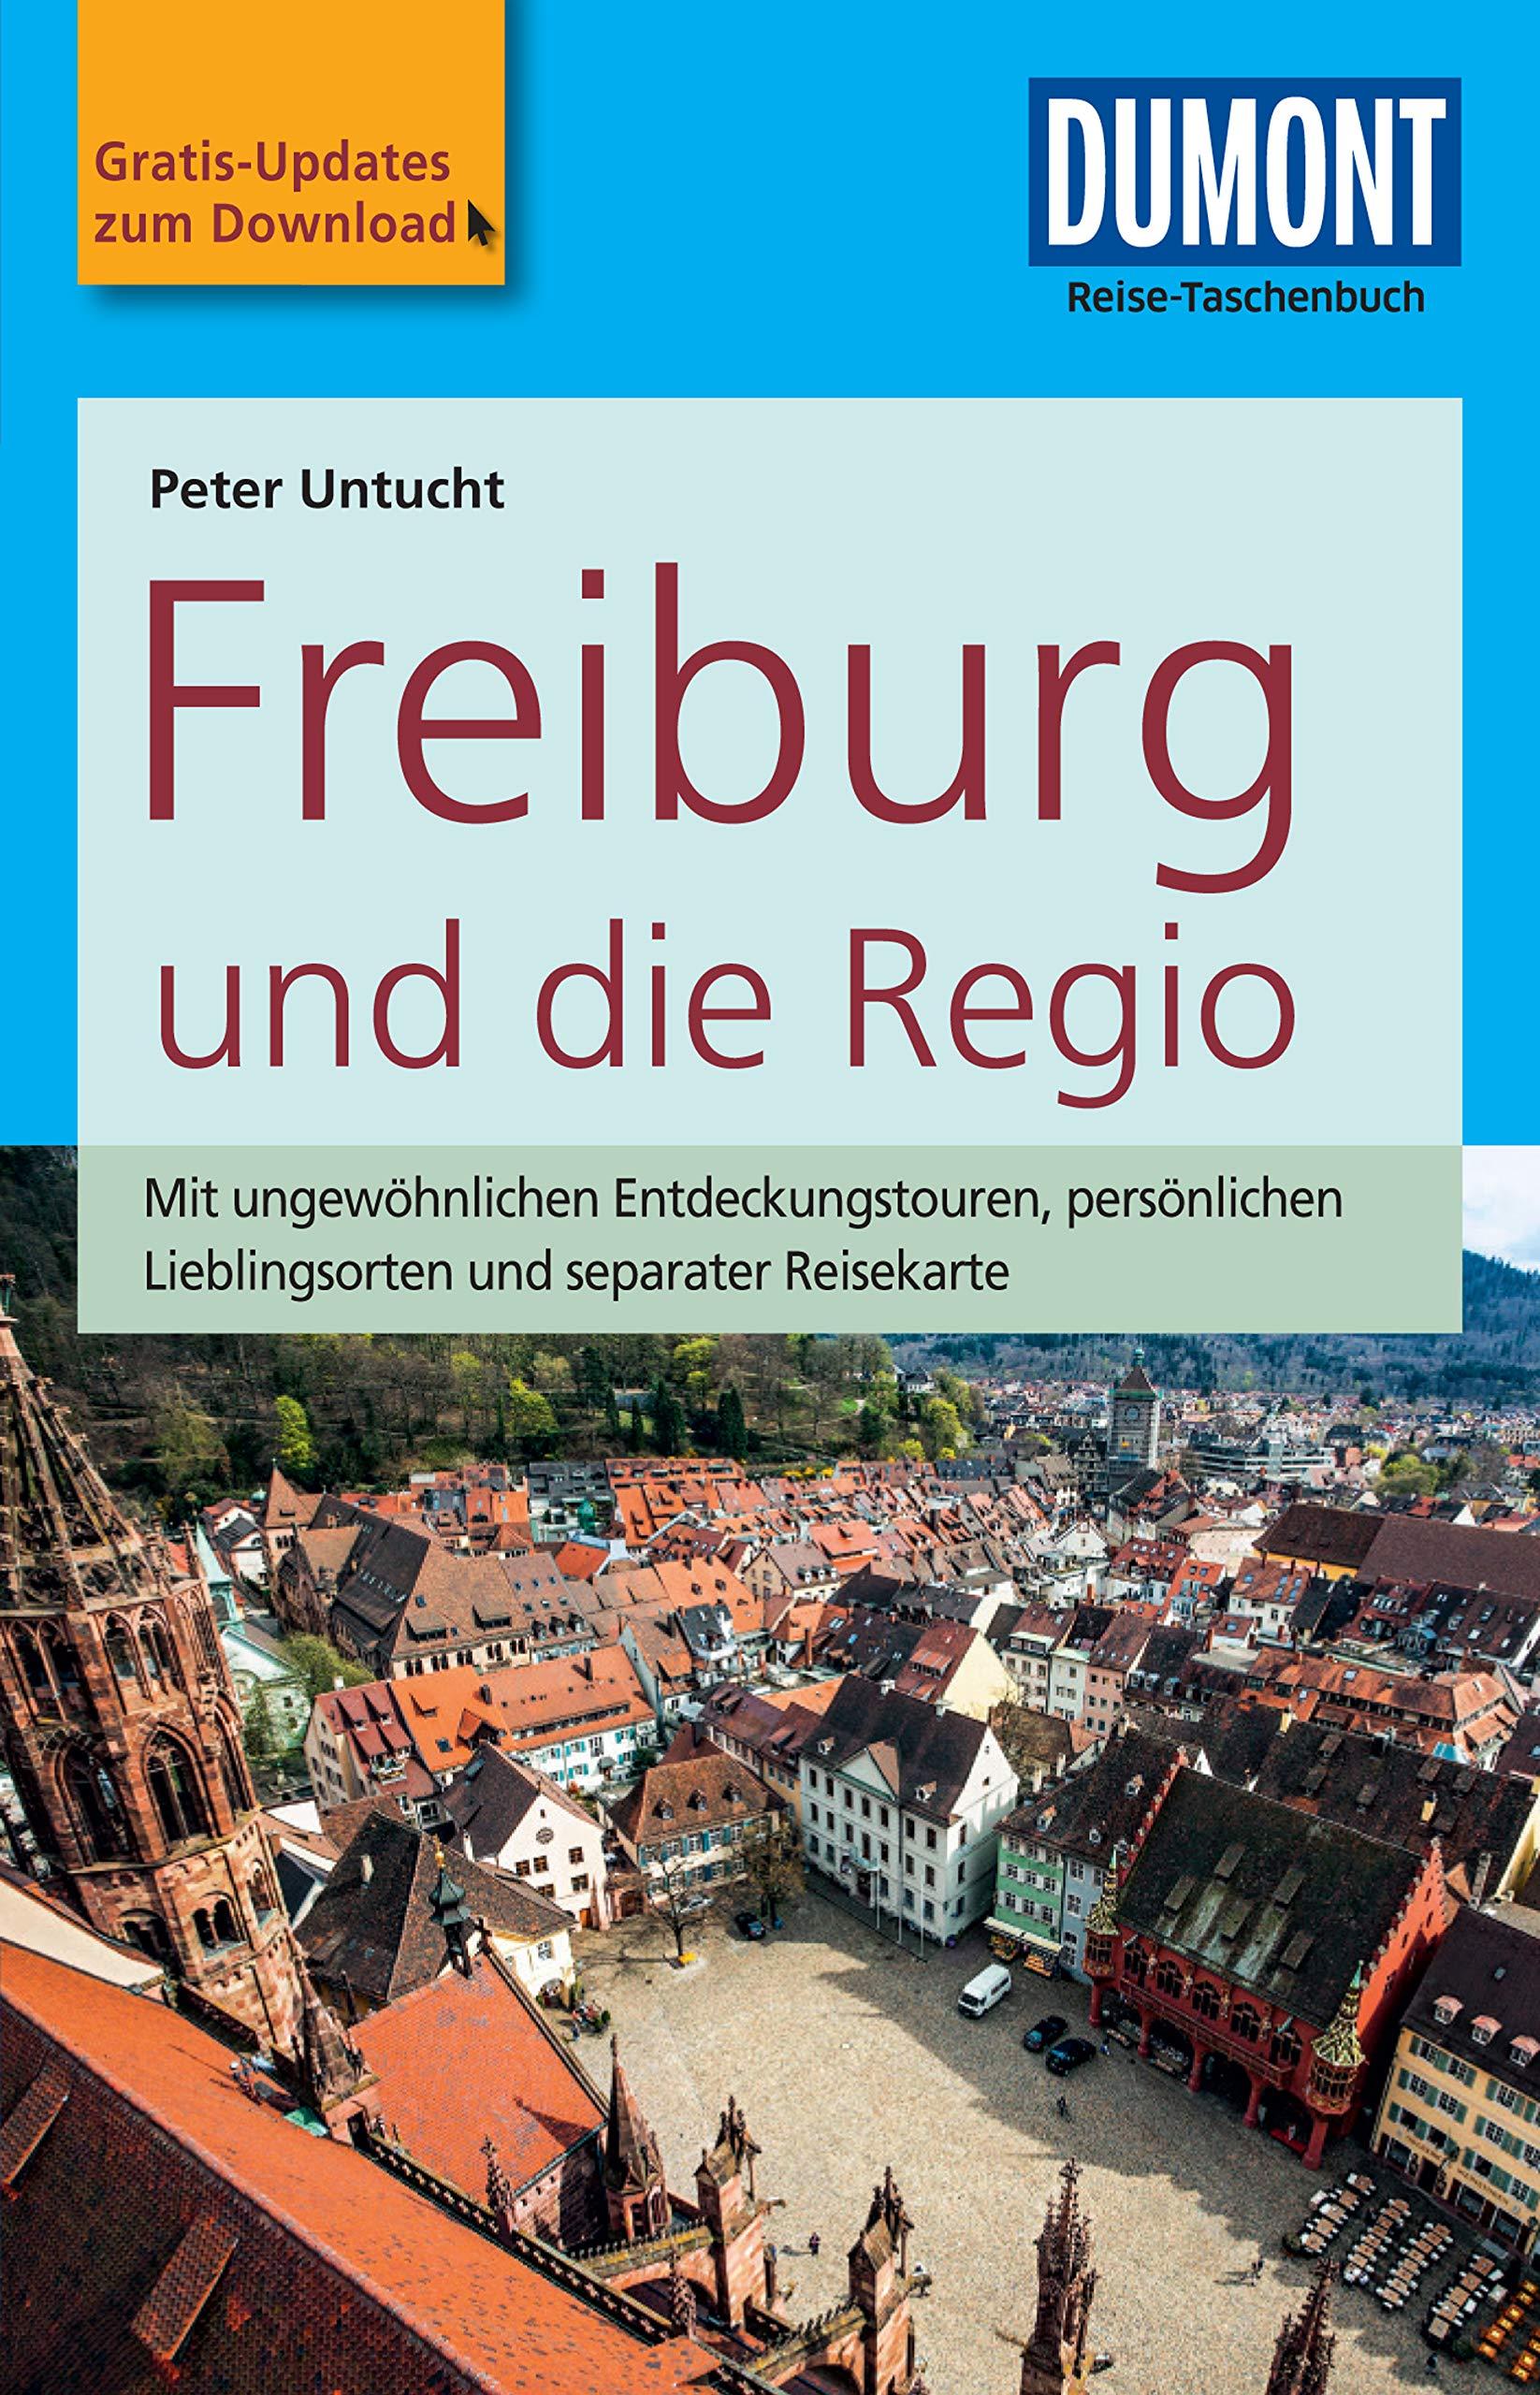 DuMont Reise-Taschenbuch Reiseführer Freiburg und die Regio: mit Online-Updates als Gratis-Download (DuMont Reise-Taschenbuch E-Book)